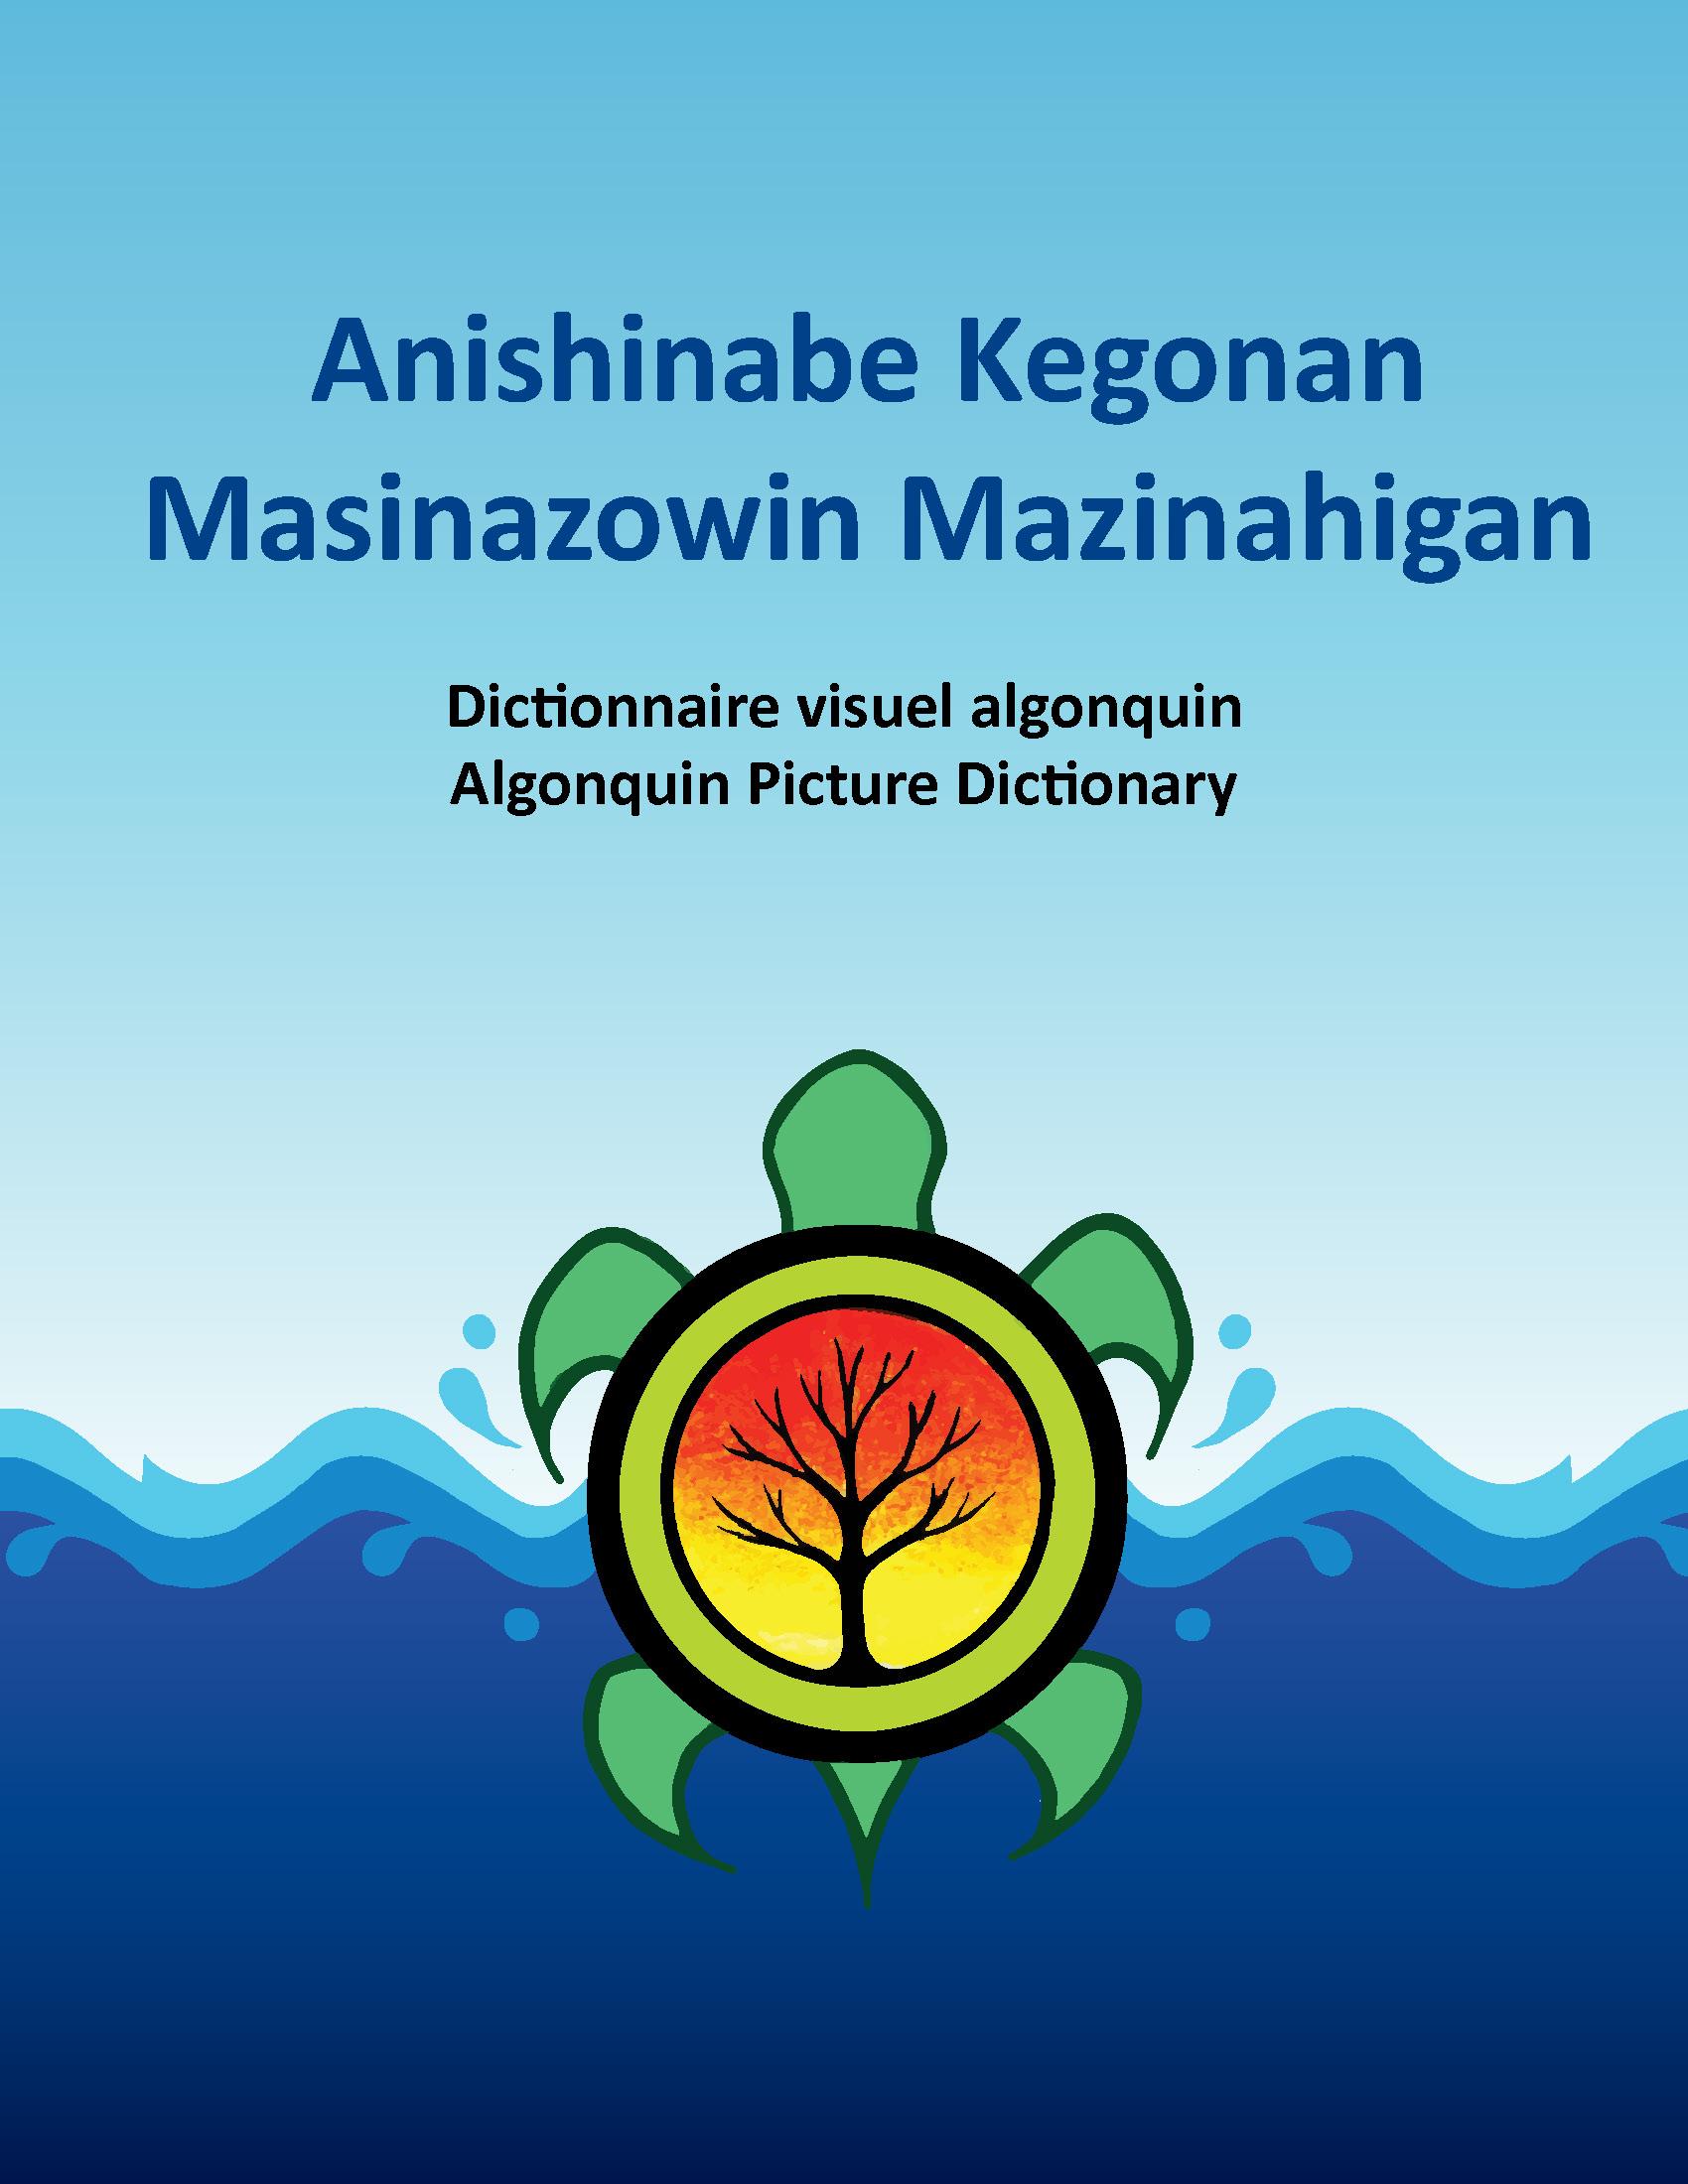 Image: Anishinabe kegonan masinazowin mazinahigan